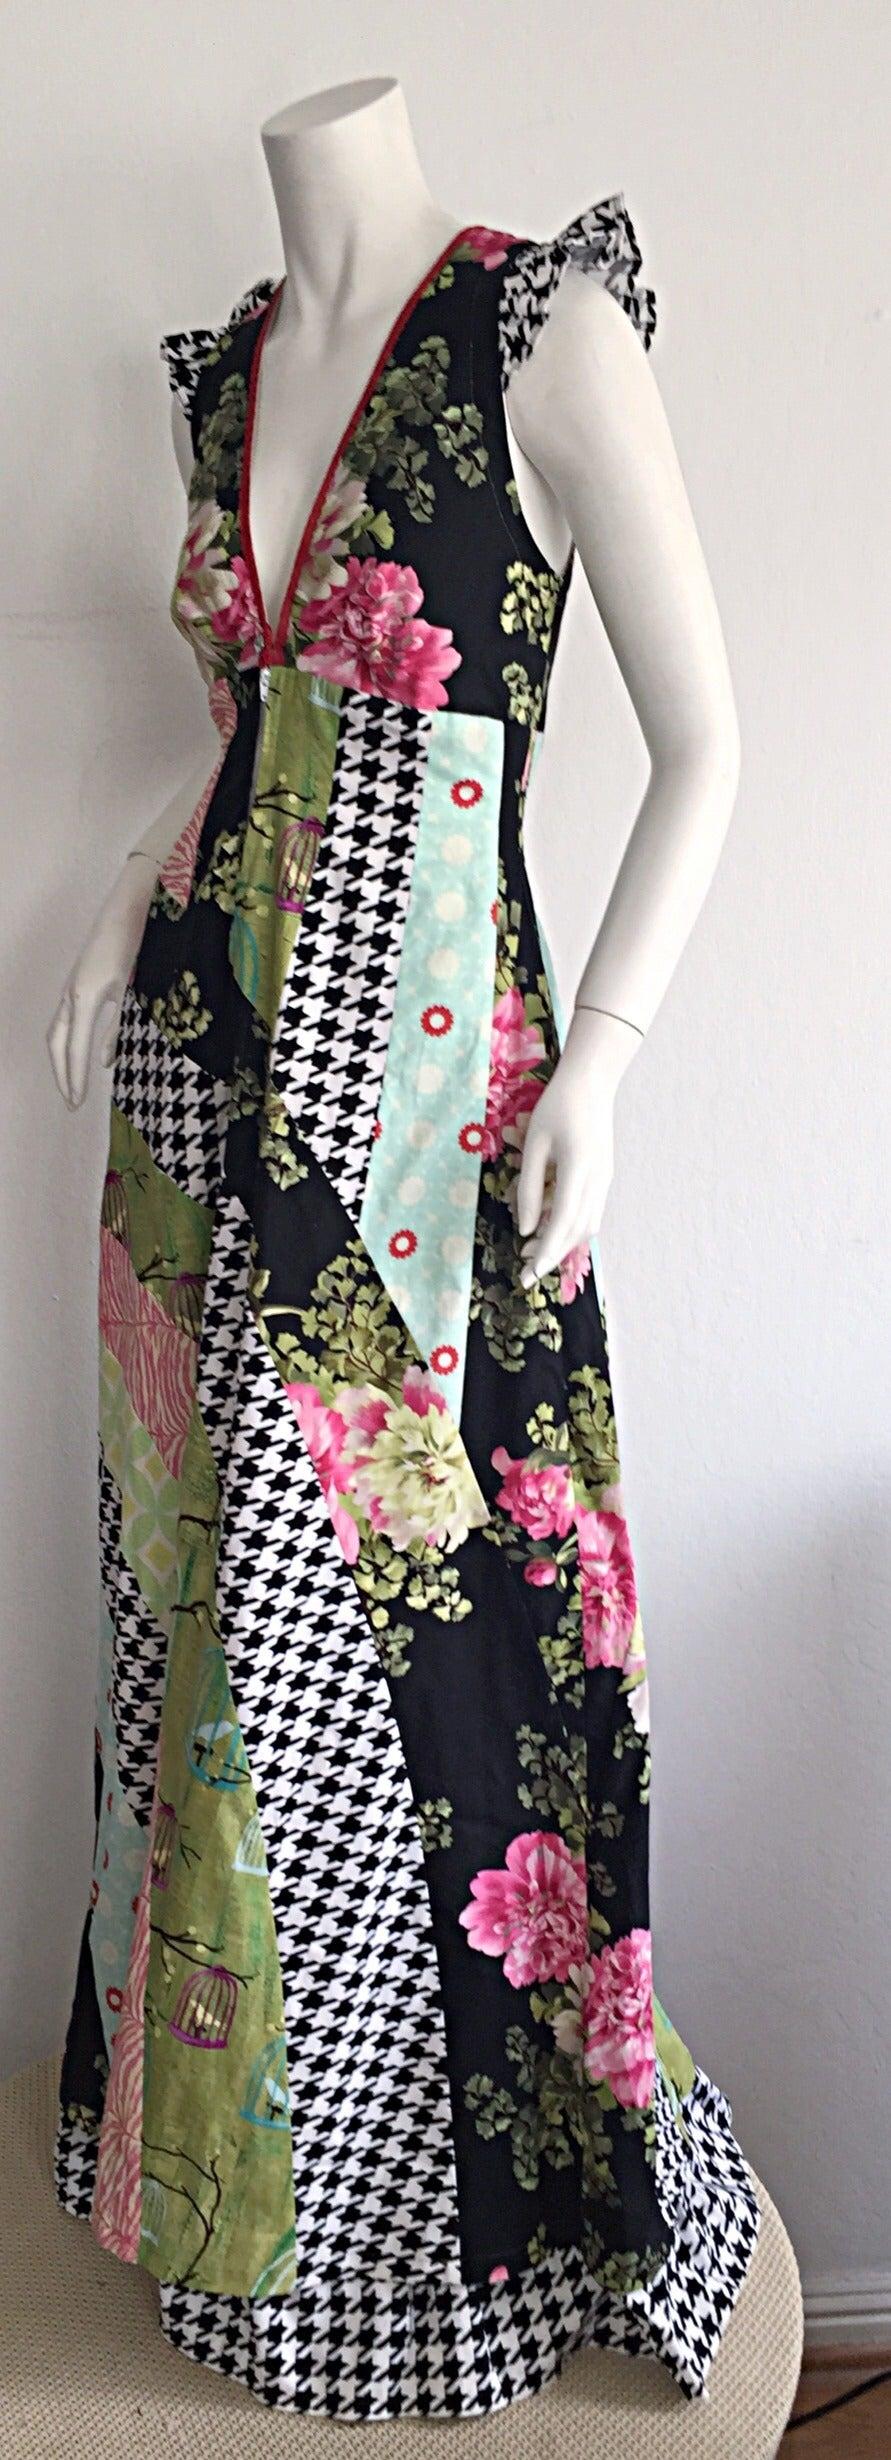 Amazing 1970s Vintage Bohemian Patchwork Cotton Maxi Dress 7